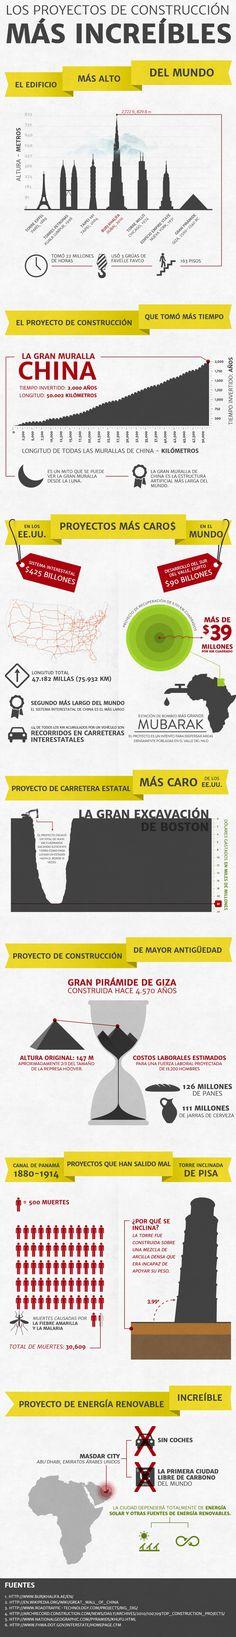 Las construcciones más increíbles del Mundo #infografia #infographic